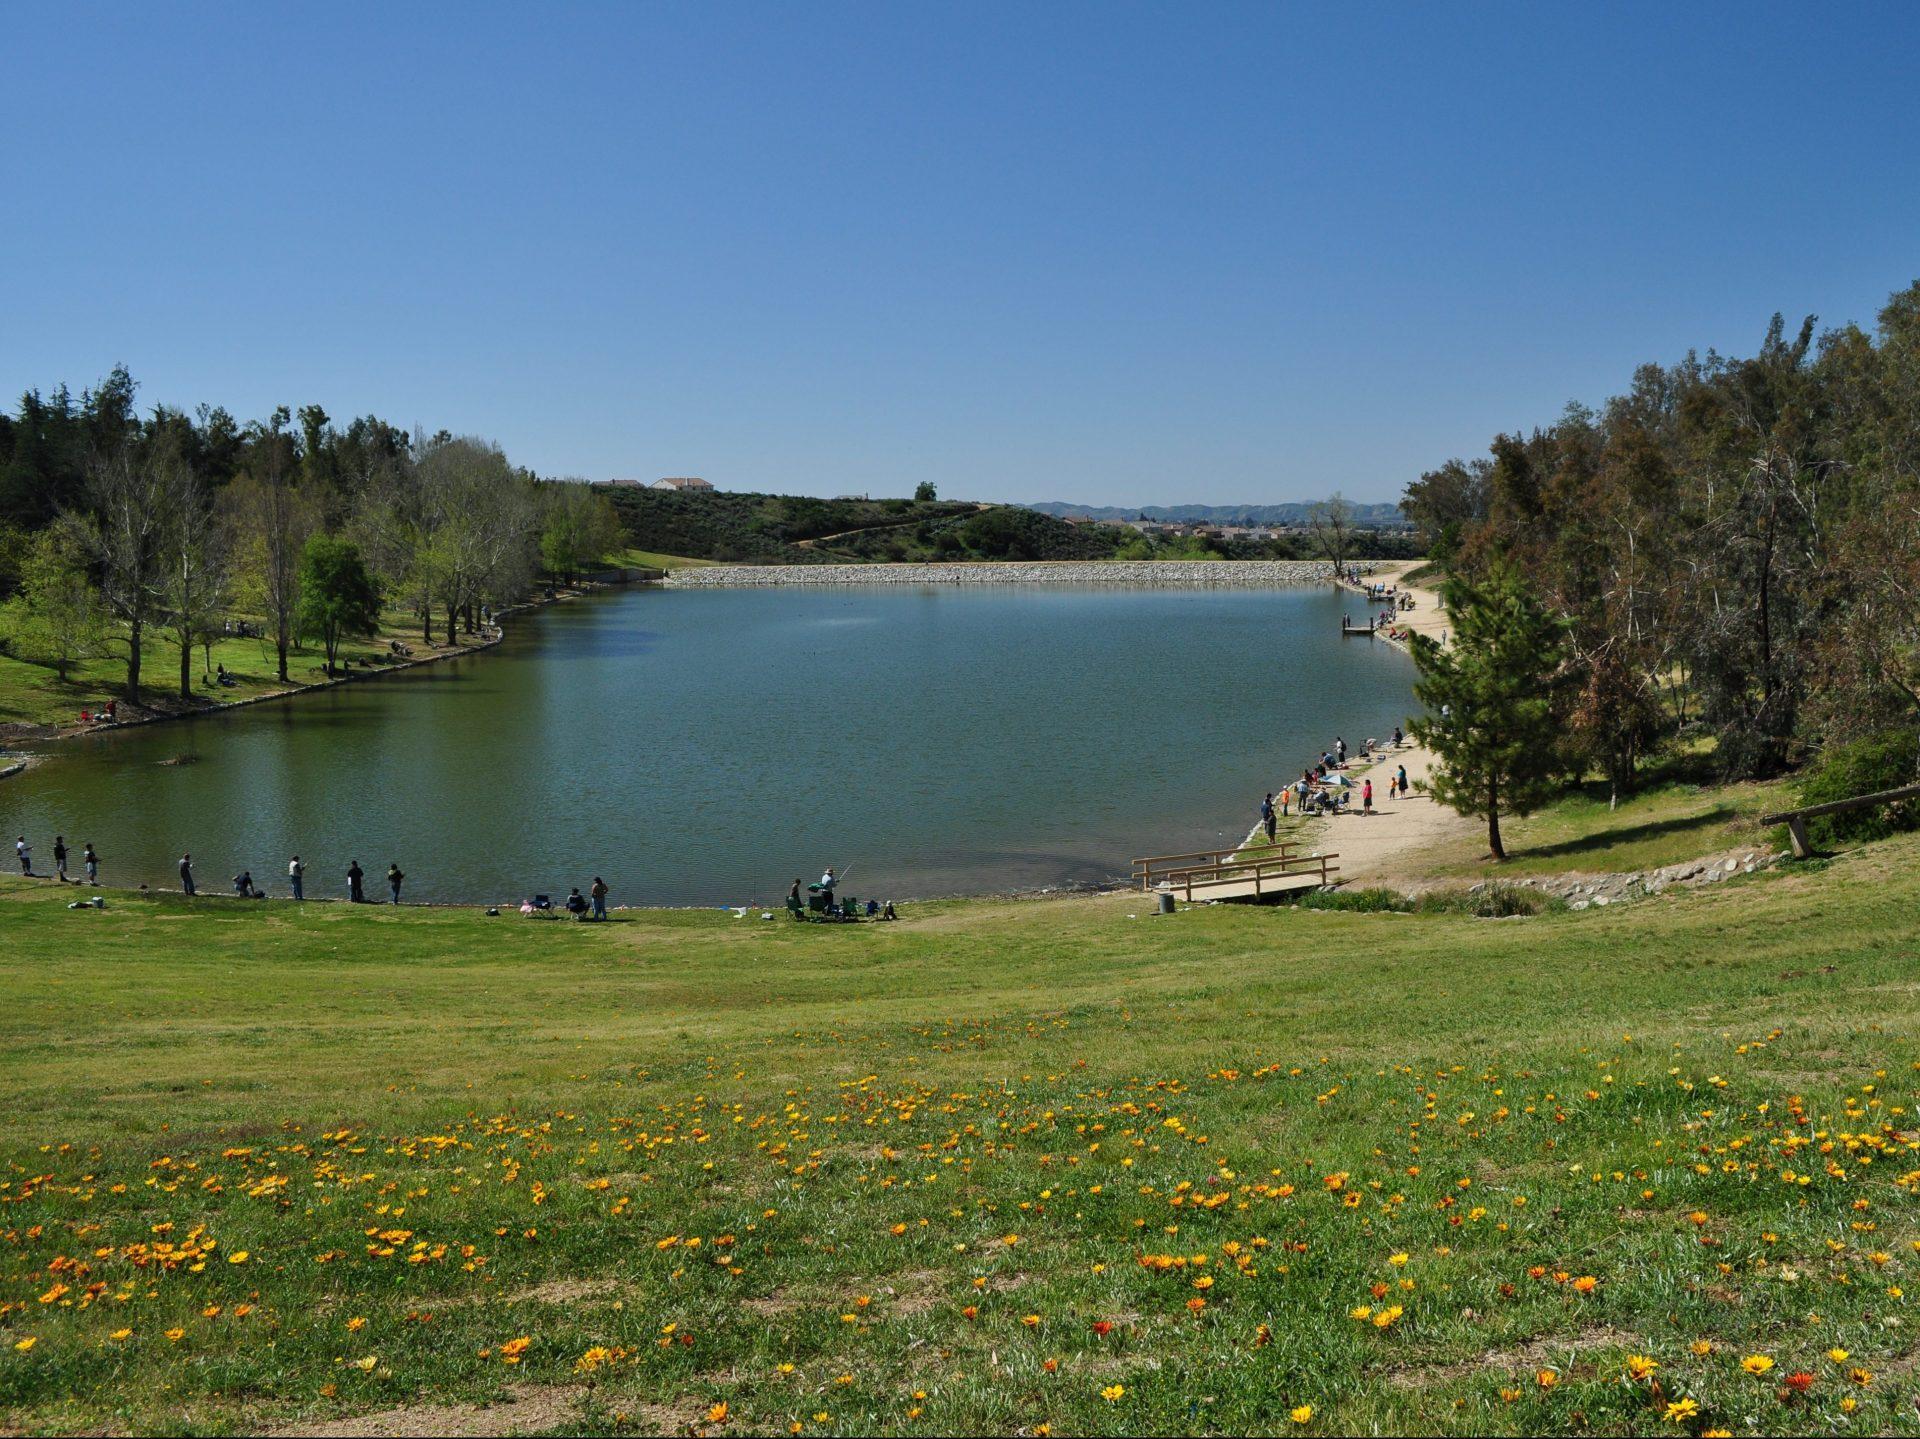 lake shot at Yucaipa